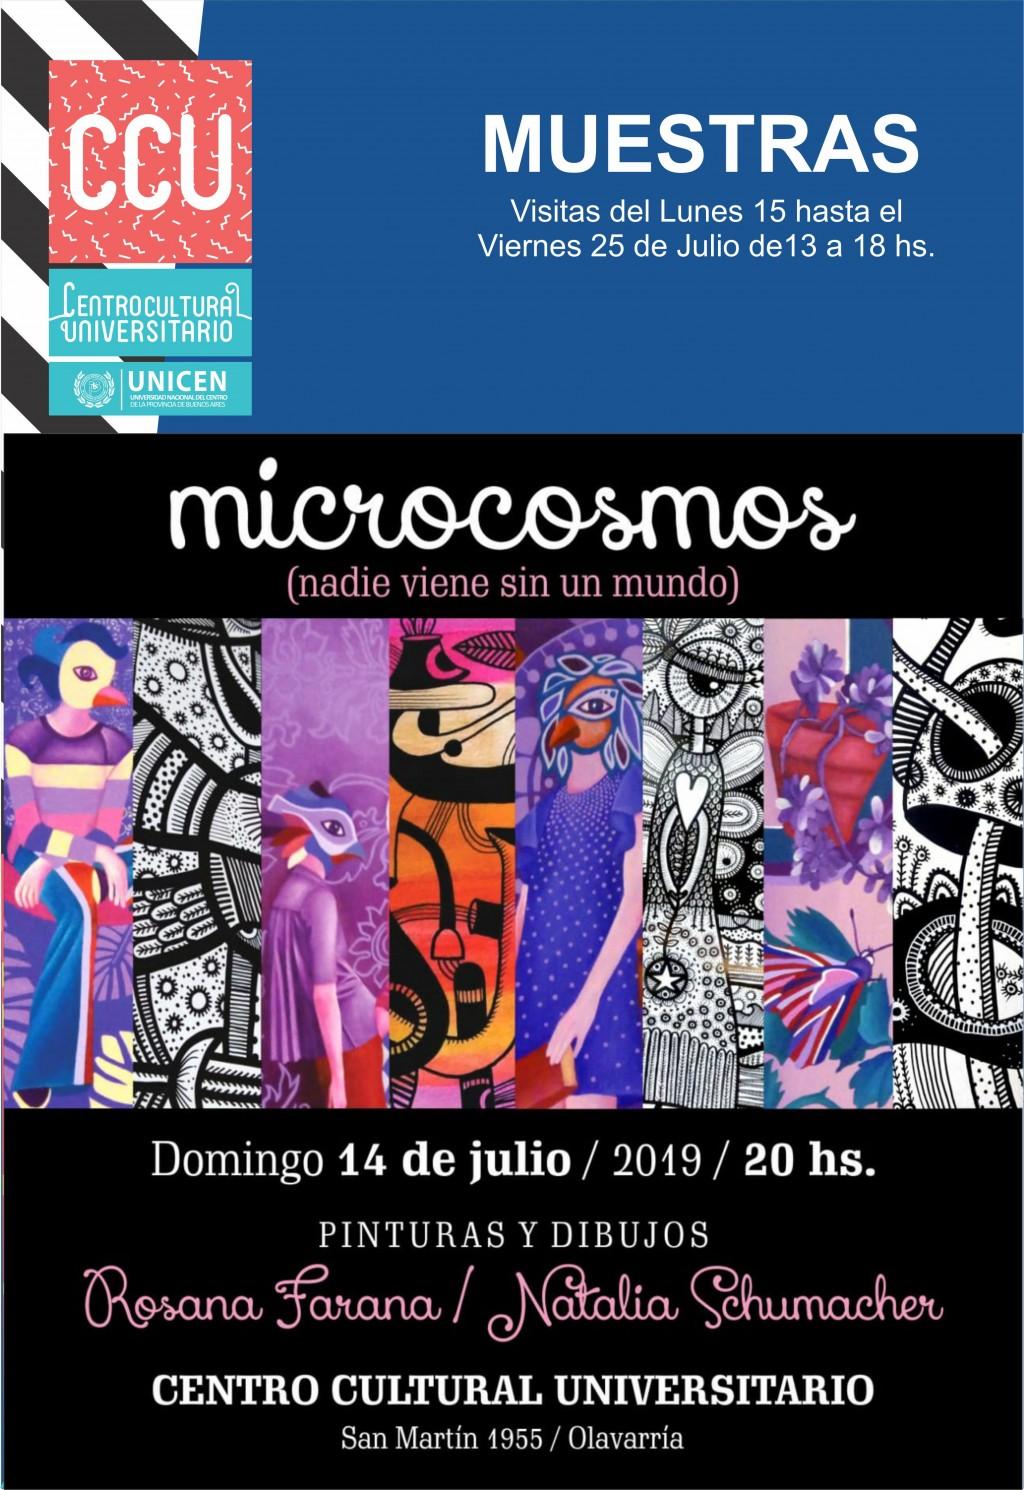 Nueva Muestra en el Centro Cultural Universitario